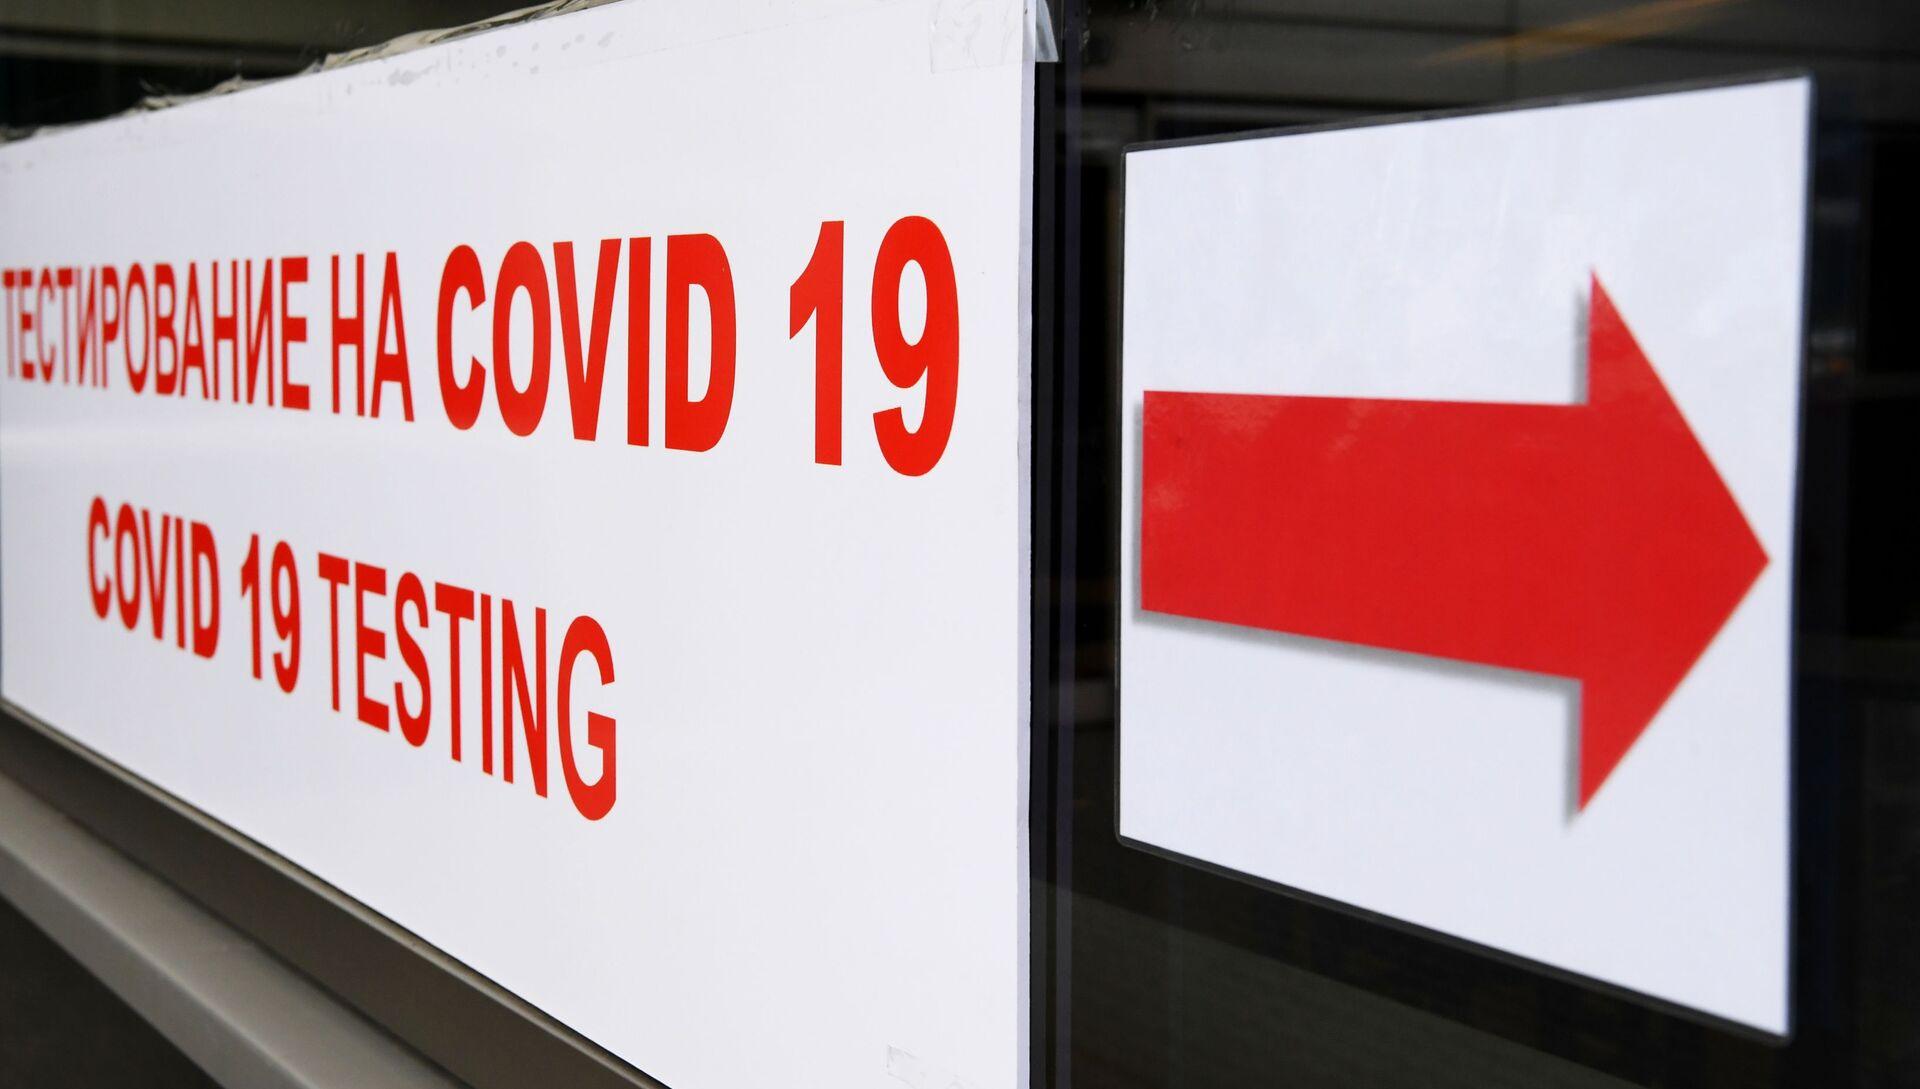 Экспресс-тестирование на COVID-19 в аэропорту Внуково - РИА Новости, 1920, 05.11.2020